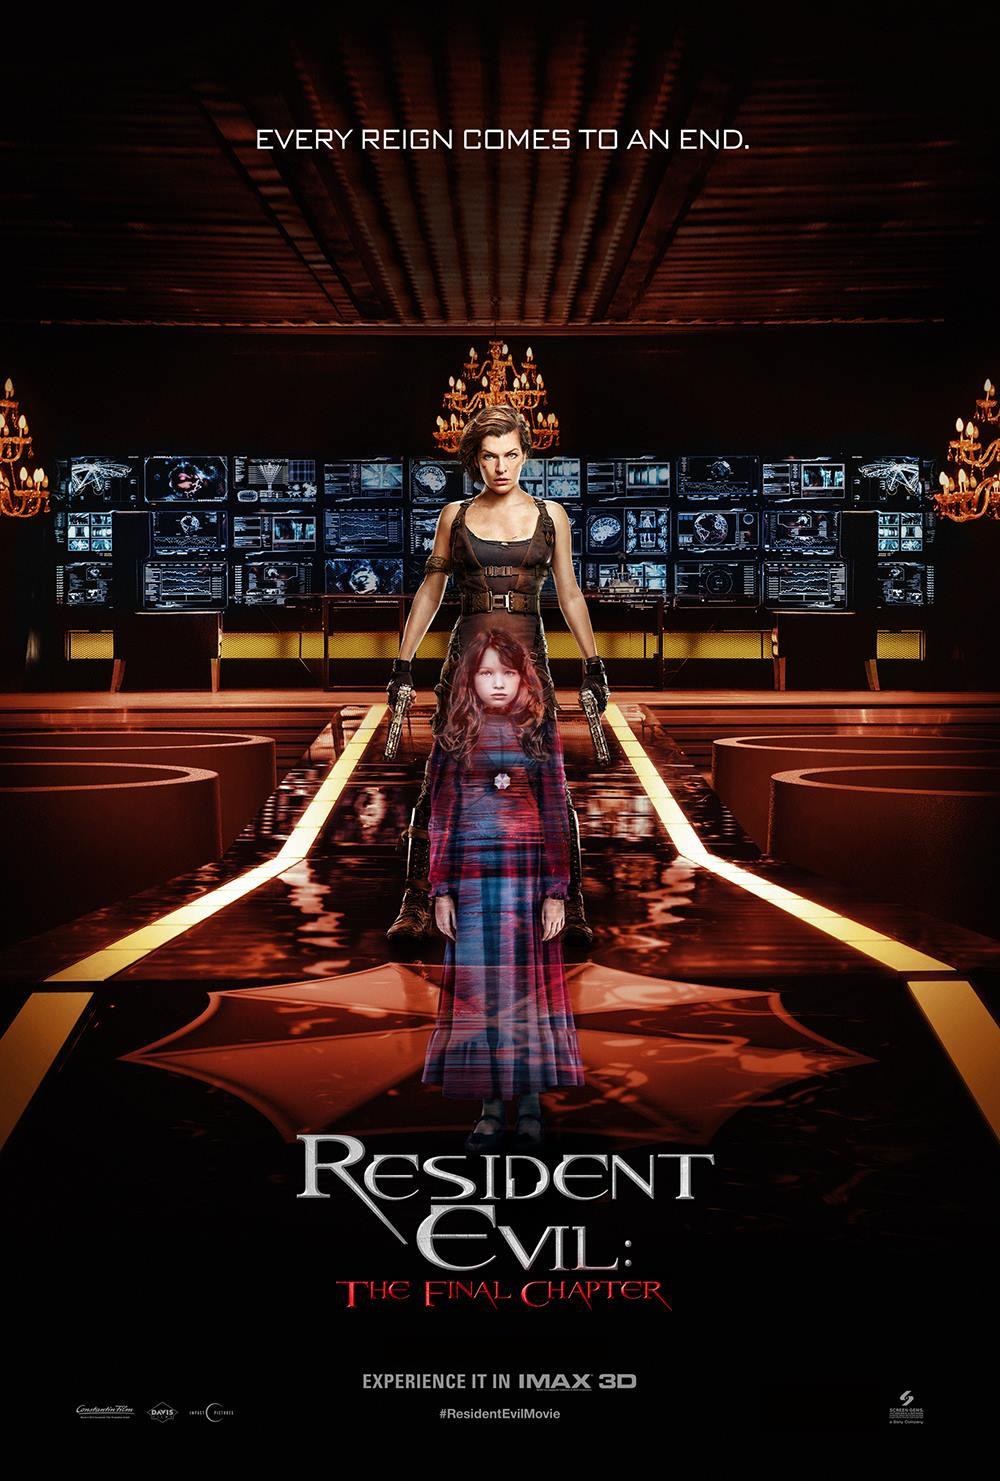 Resident Evil 6 Teaser Trailer